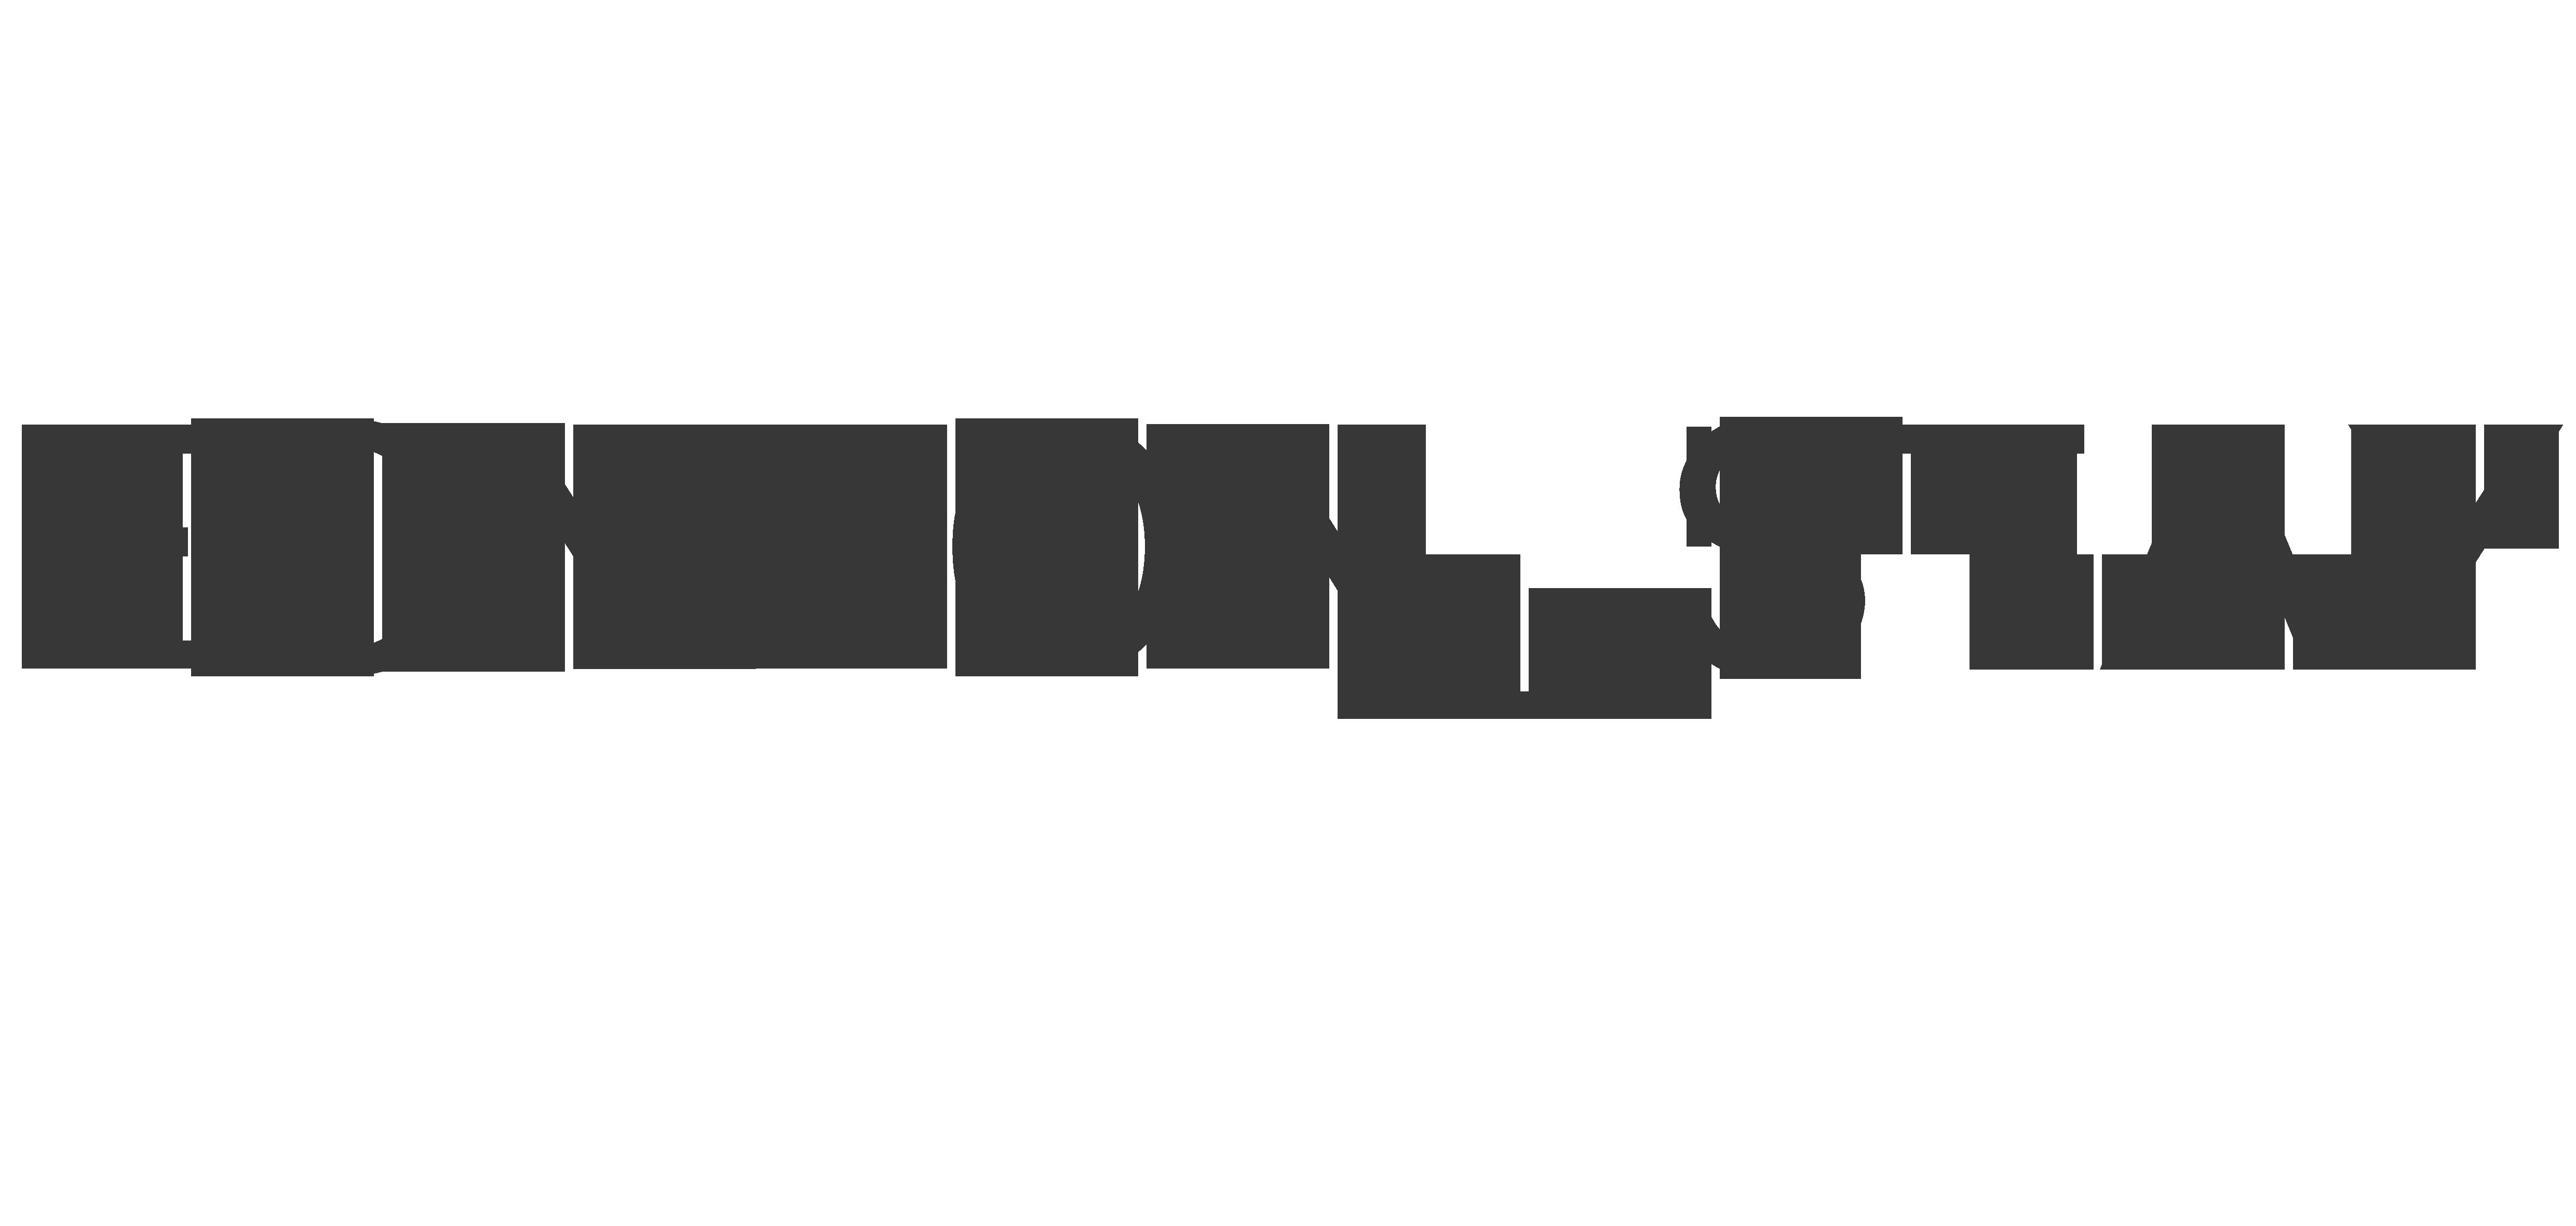 eoyeon stay